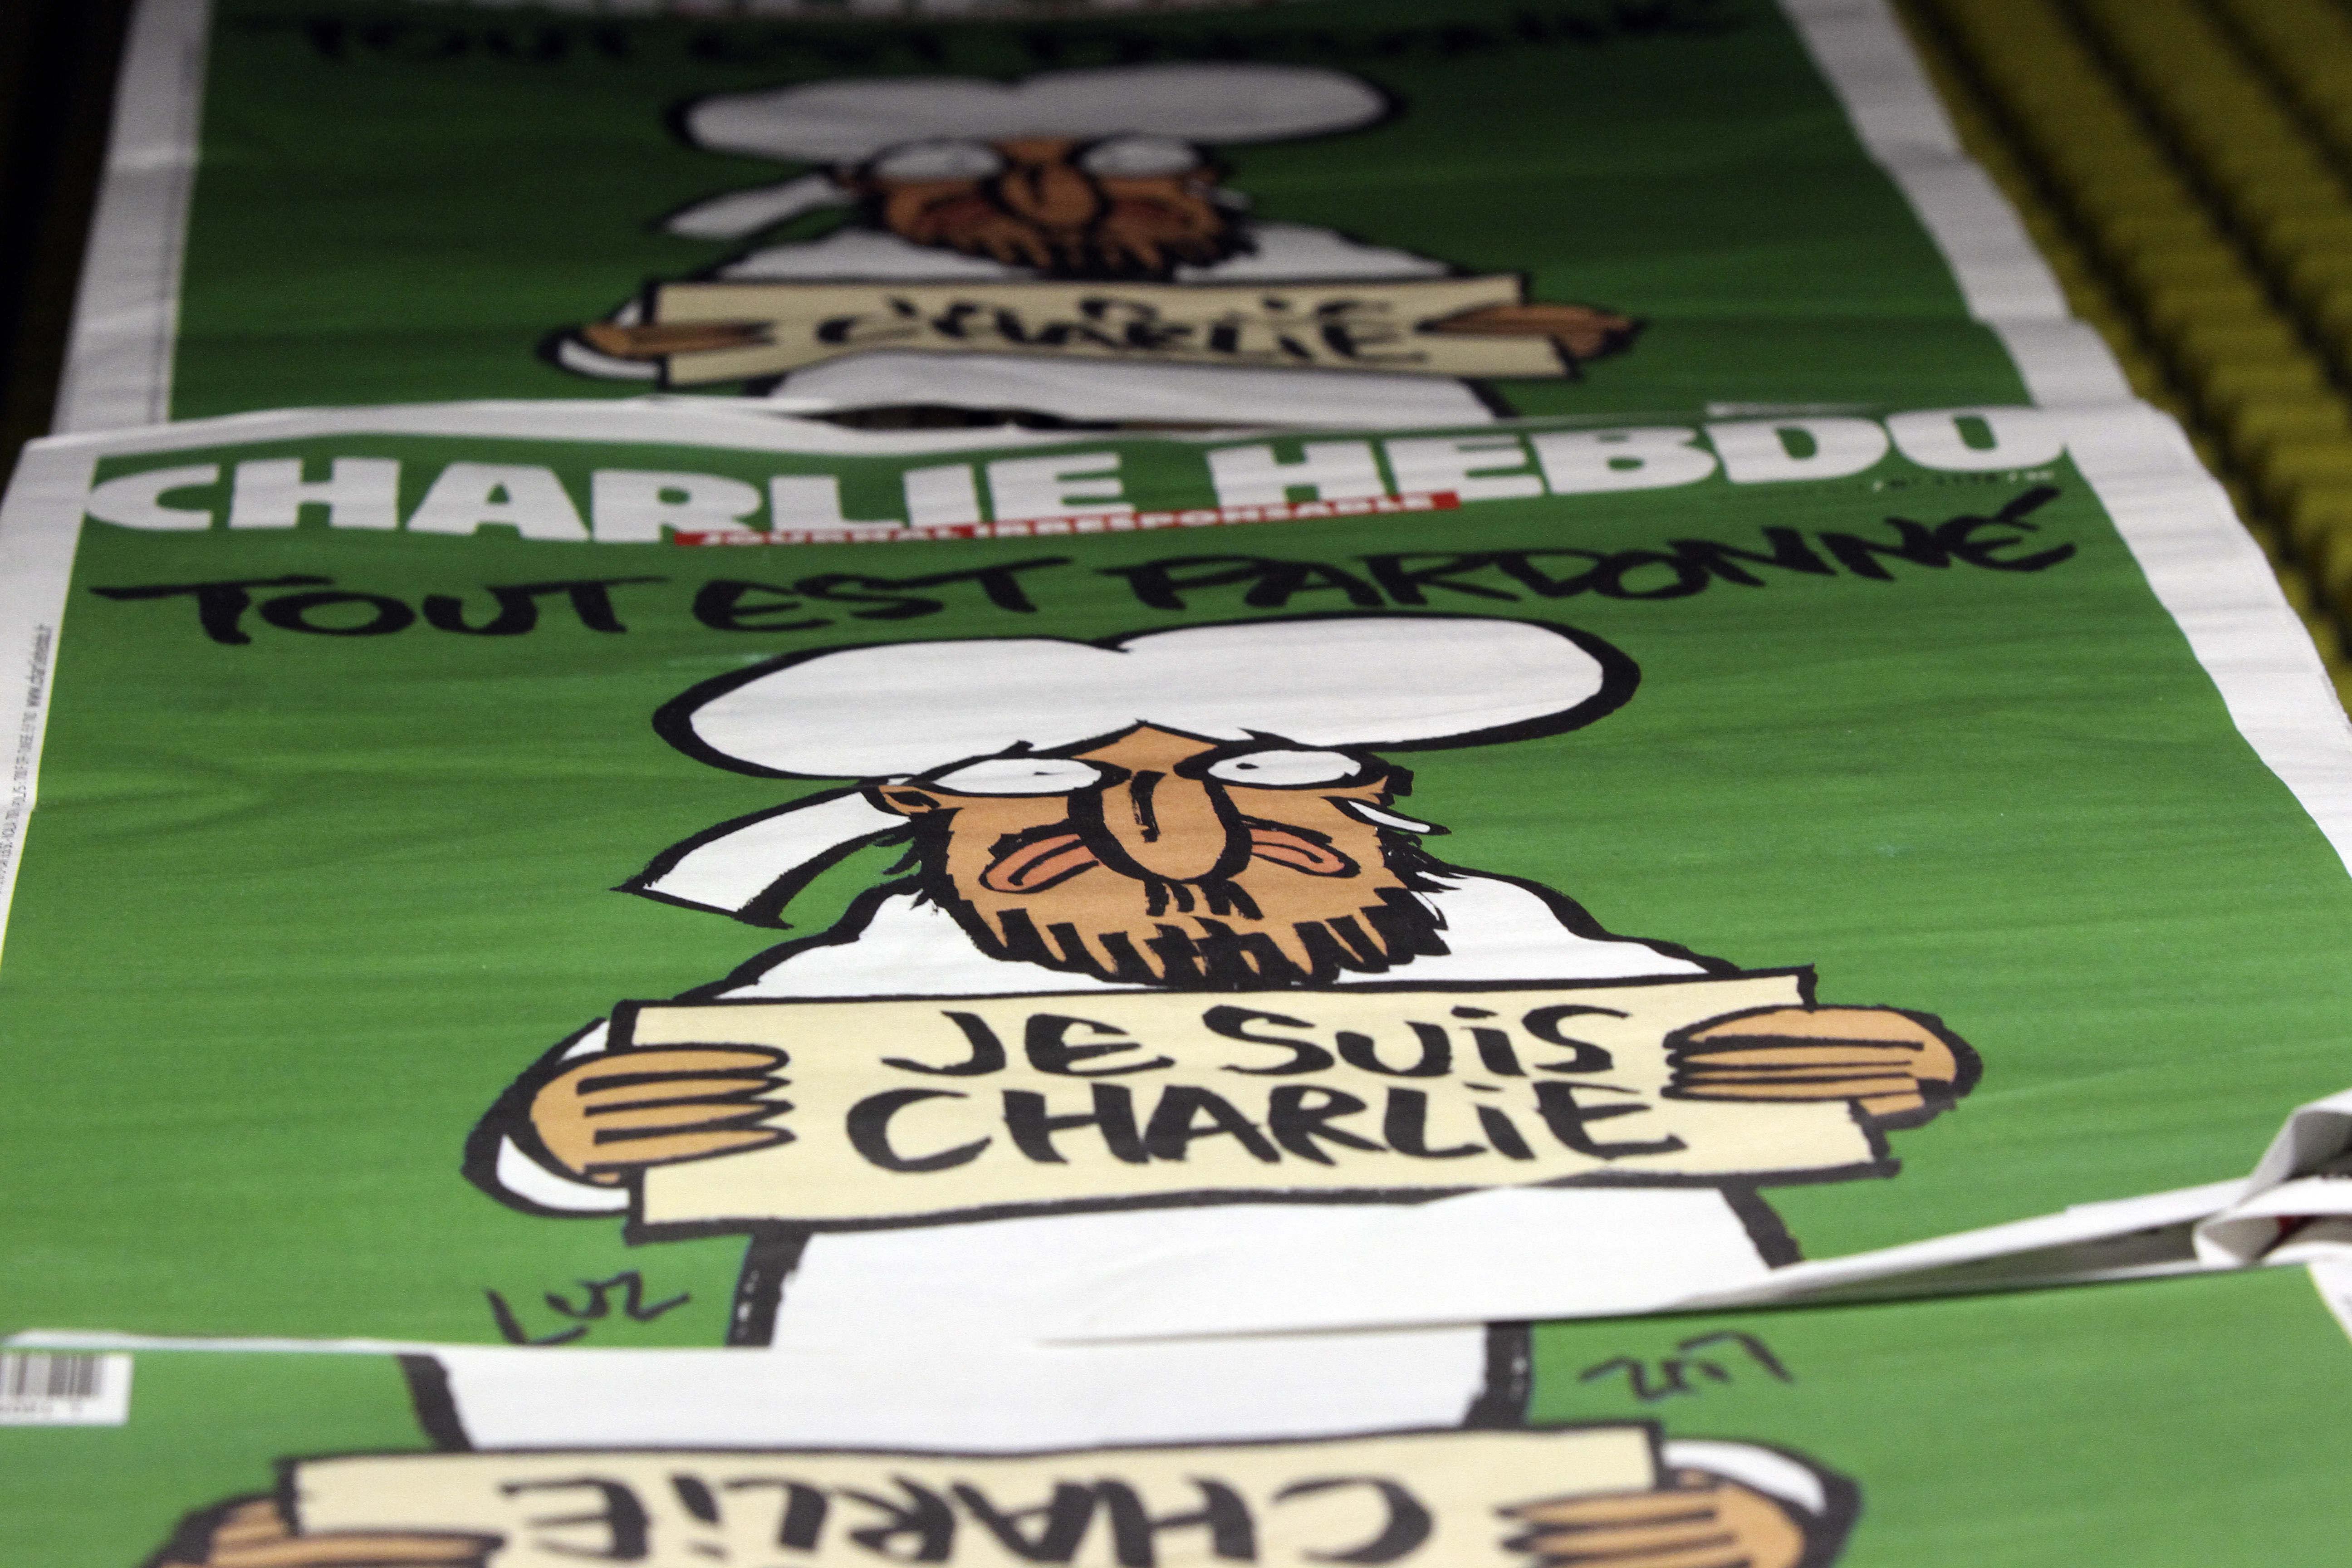 Múhameð á forsíðu Charlie Hebdo.